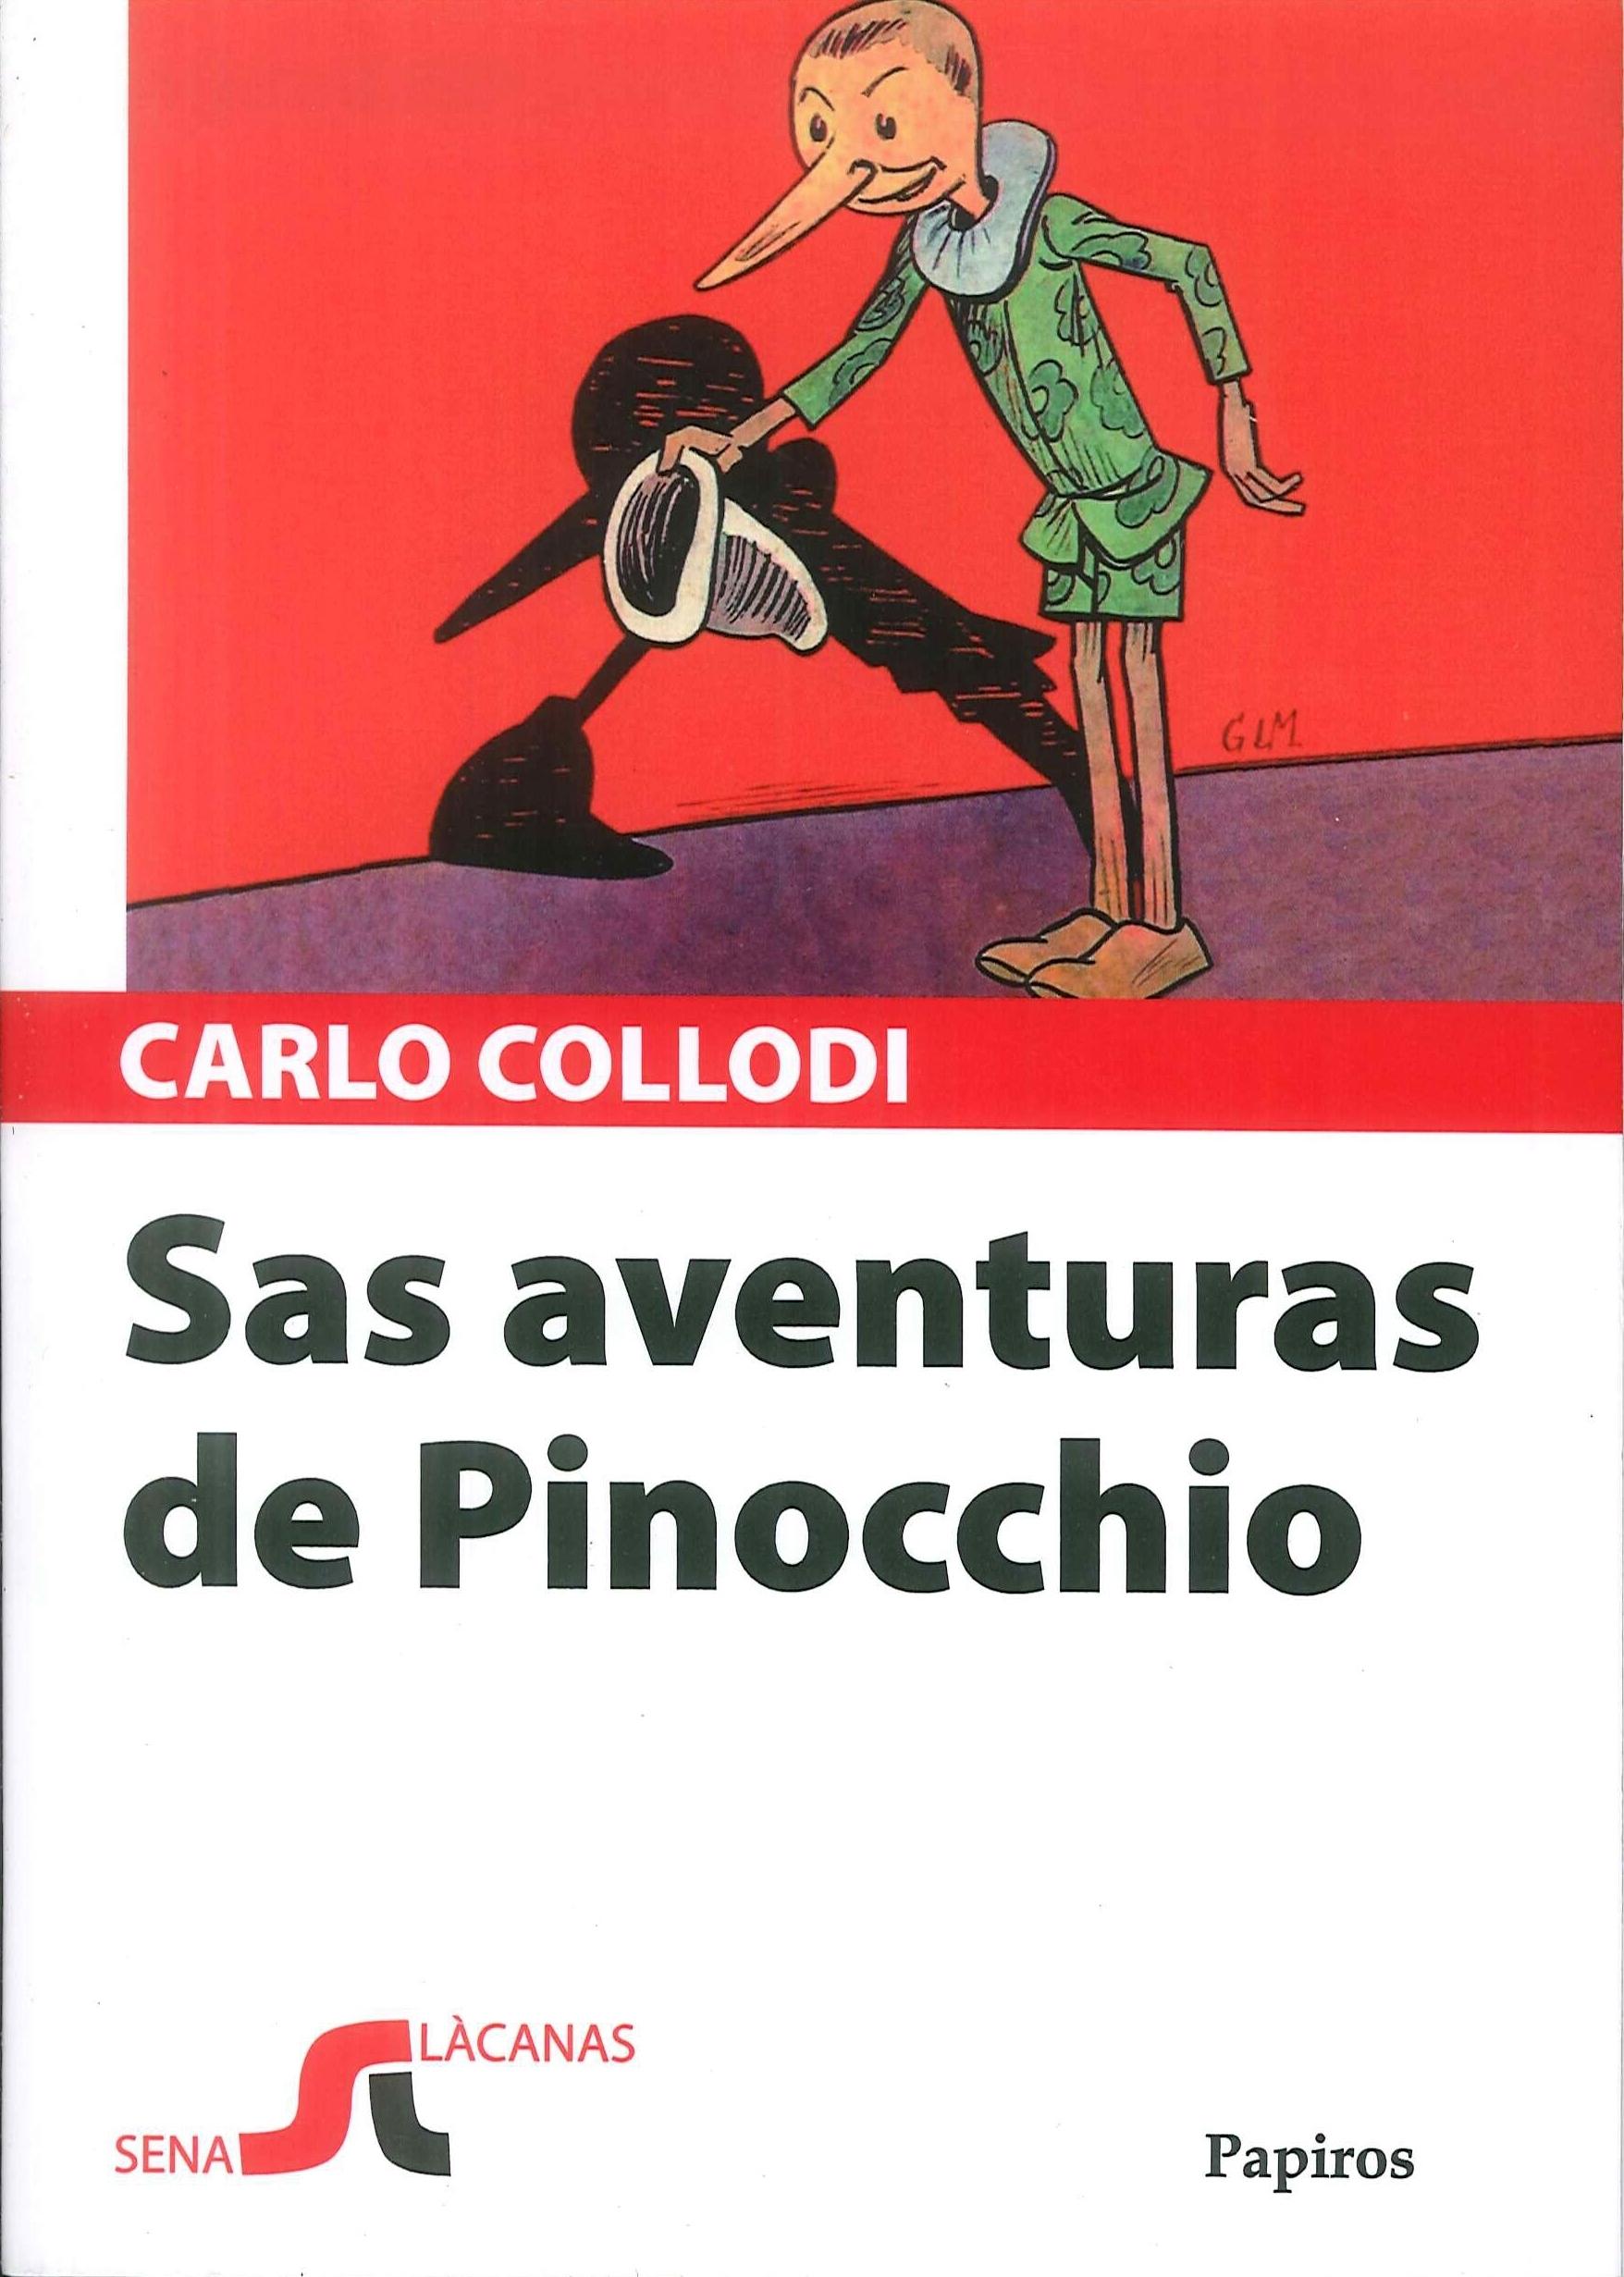 Sas aventuras de Pinocchio